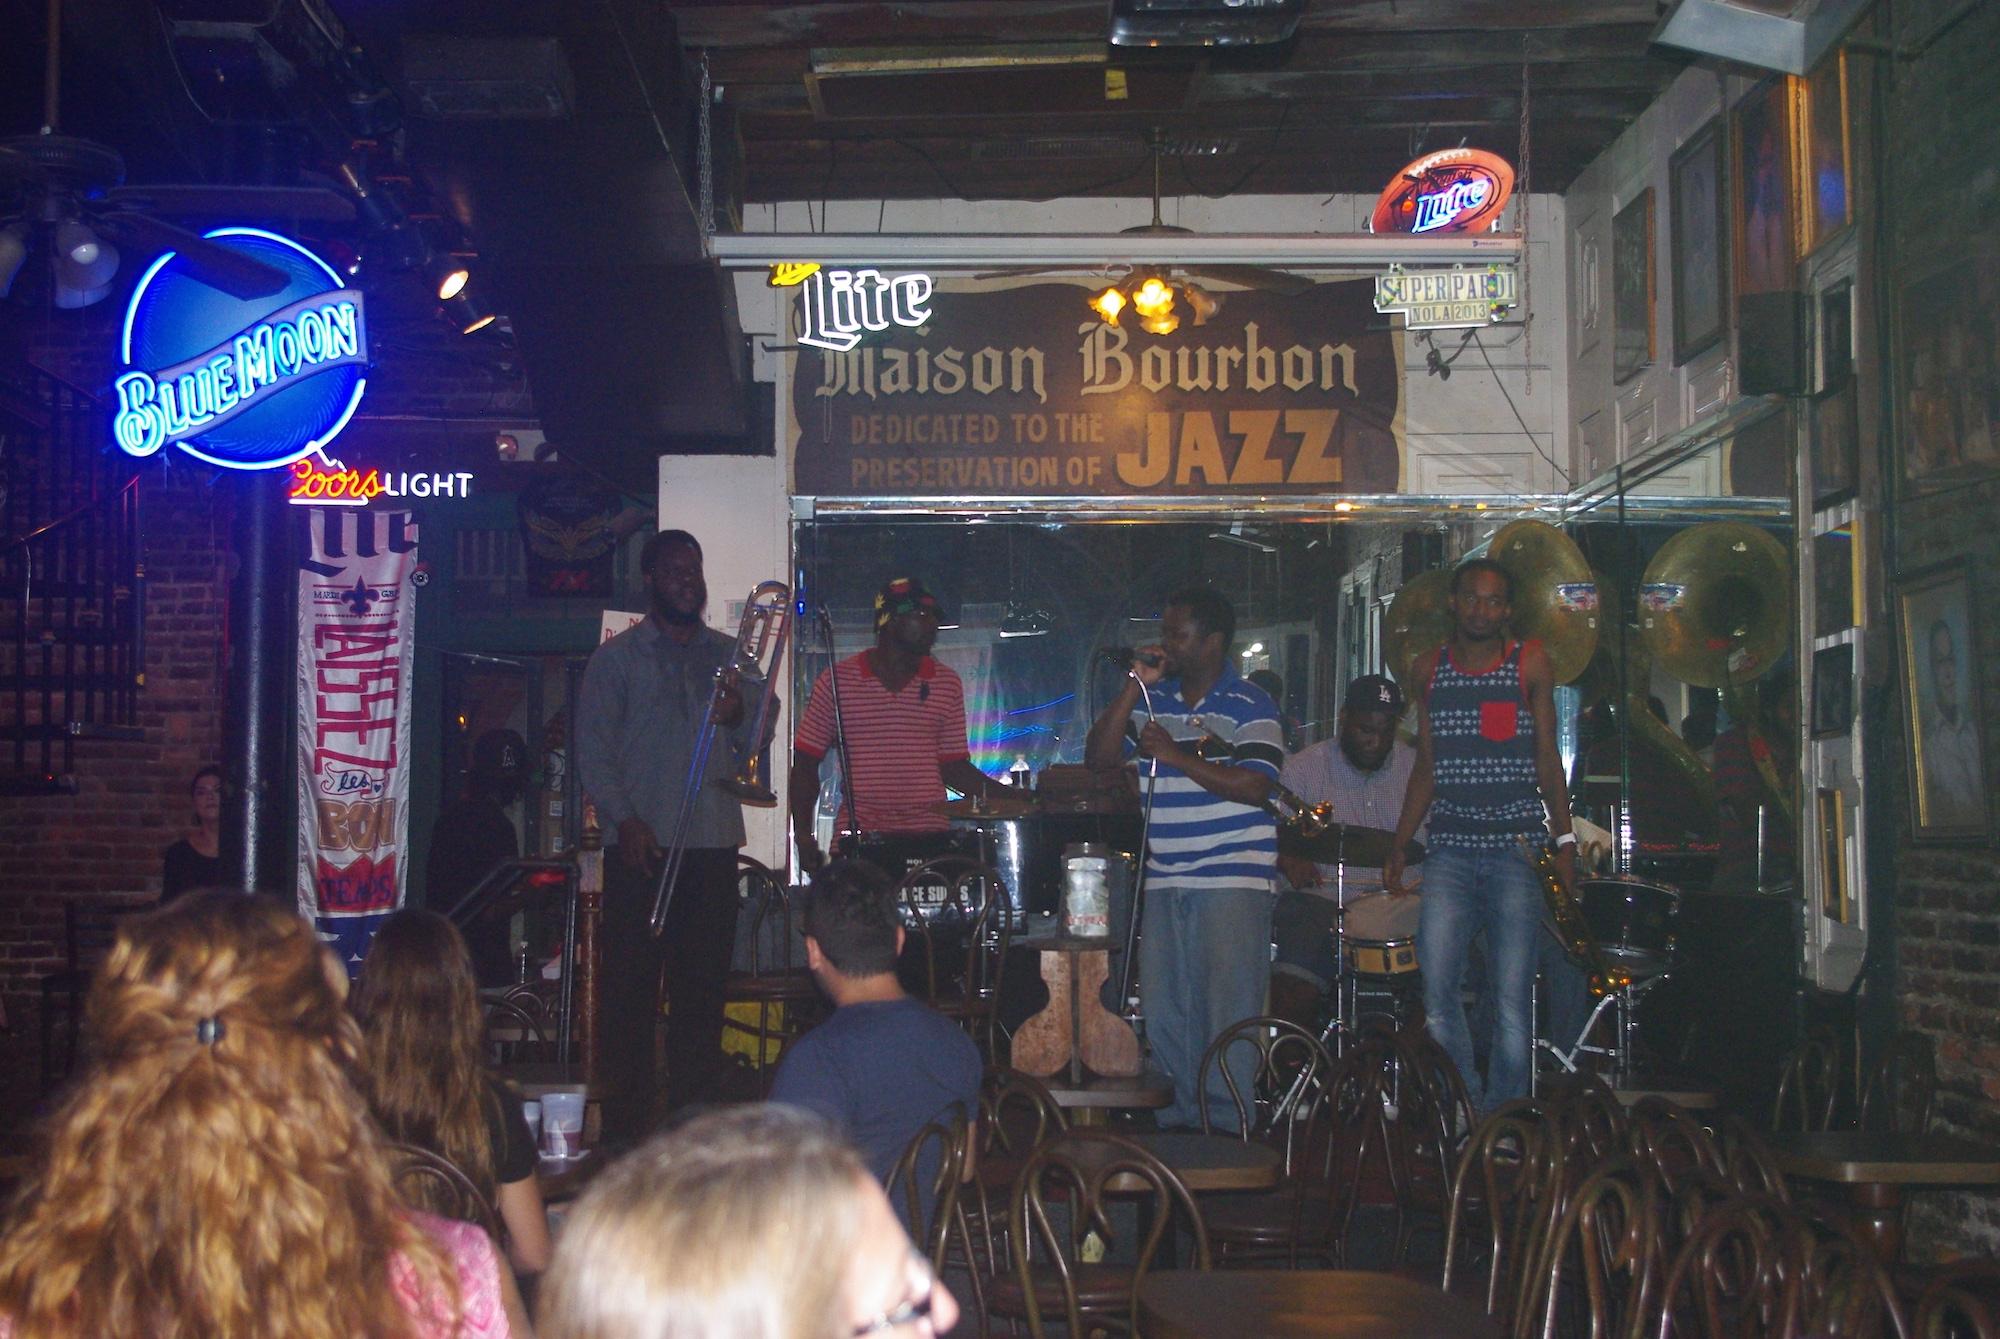 Du jazz et plein d'autres musiques sortent de partout. Le week end est proche. Ça va chauffer